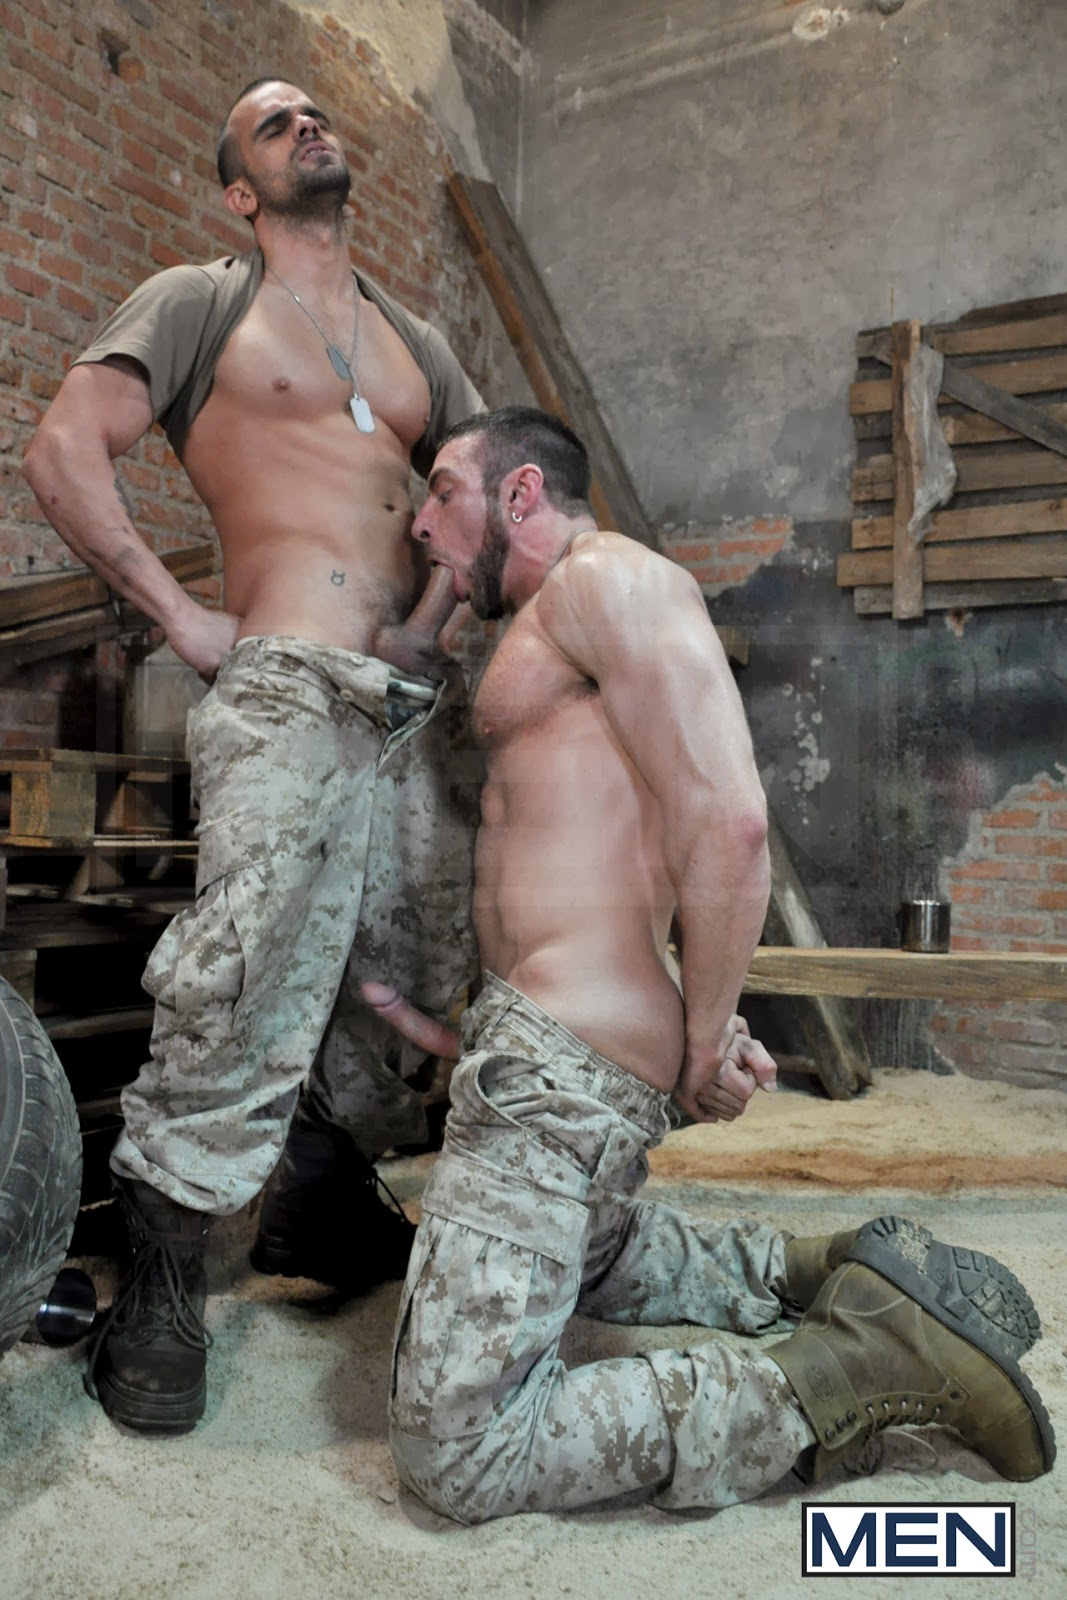 racconti gay camionisti Ancona